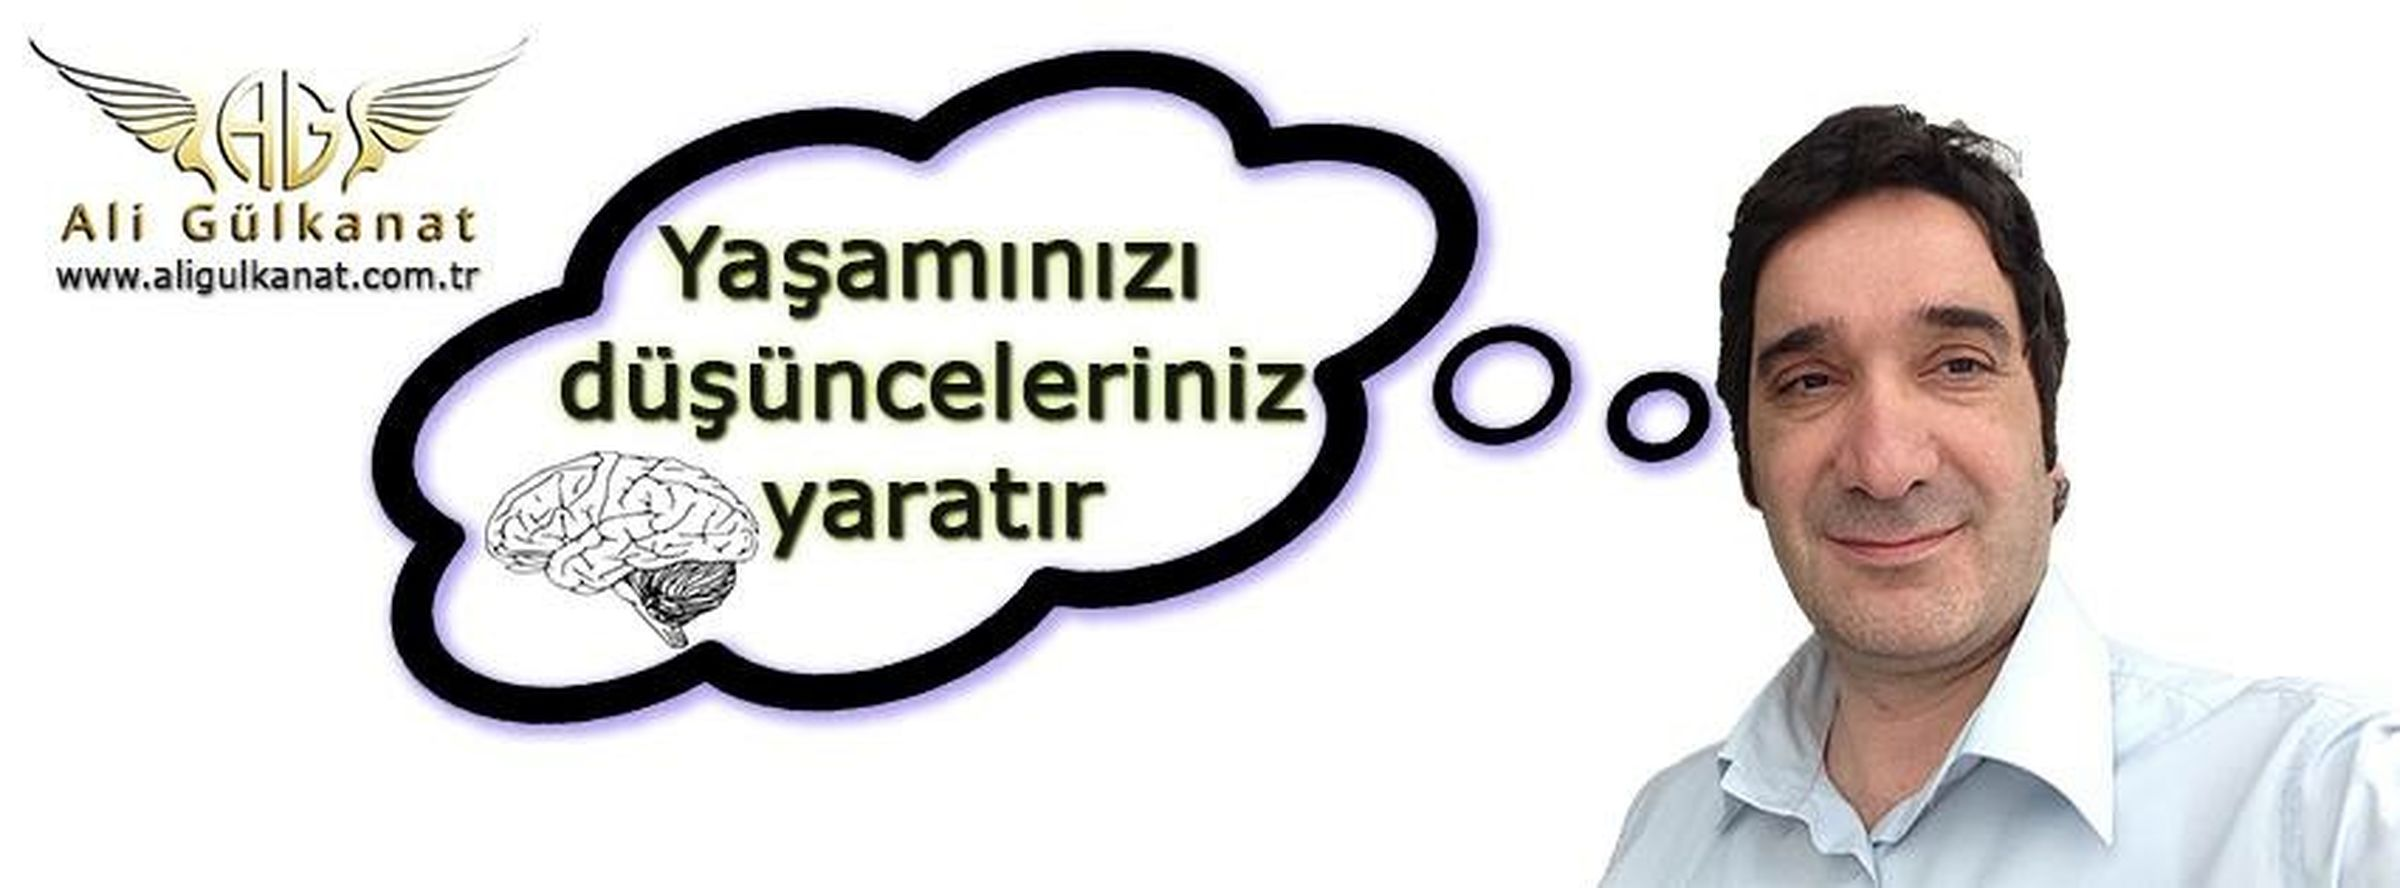 Yaşamınızı düşünceleriniz yaratır... Ali Gülkanat www.aligulkanat.com.tr Kişisel Gelişim Ali Gülkanat